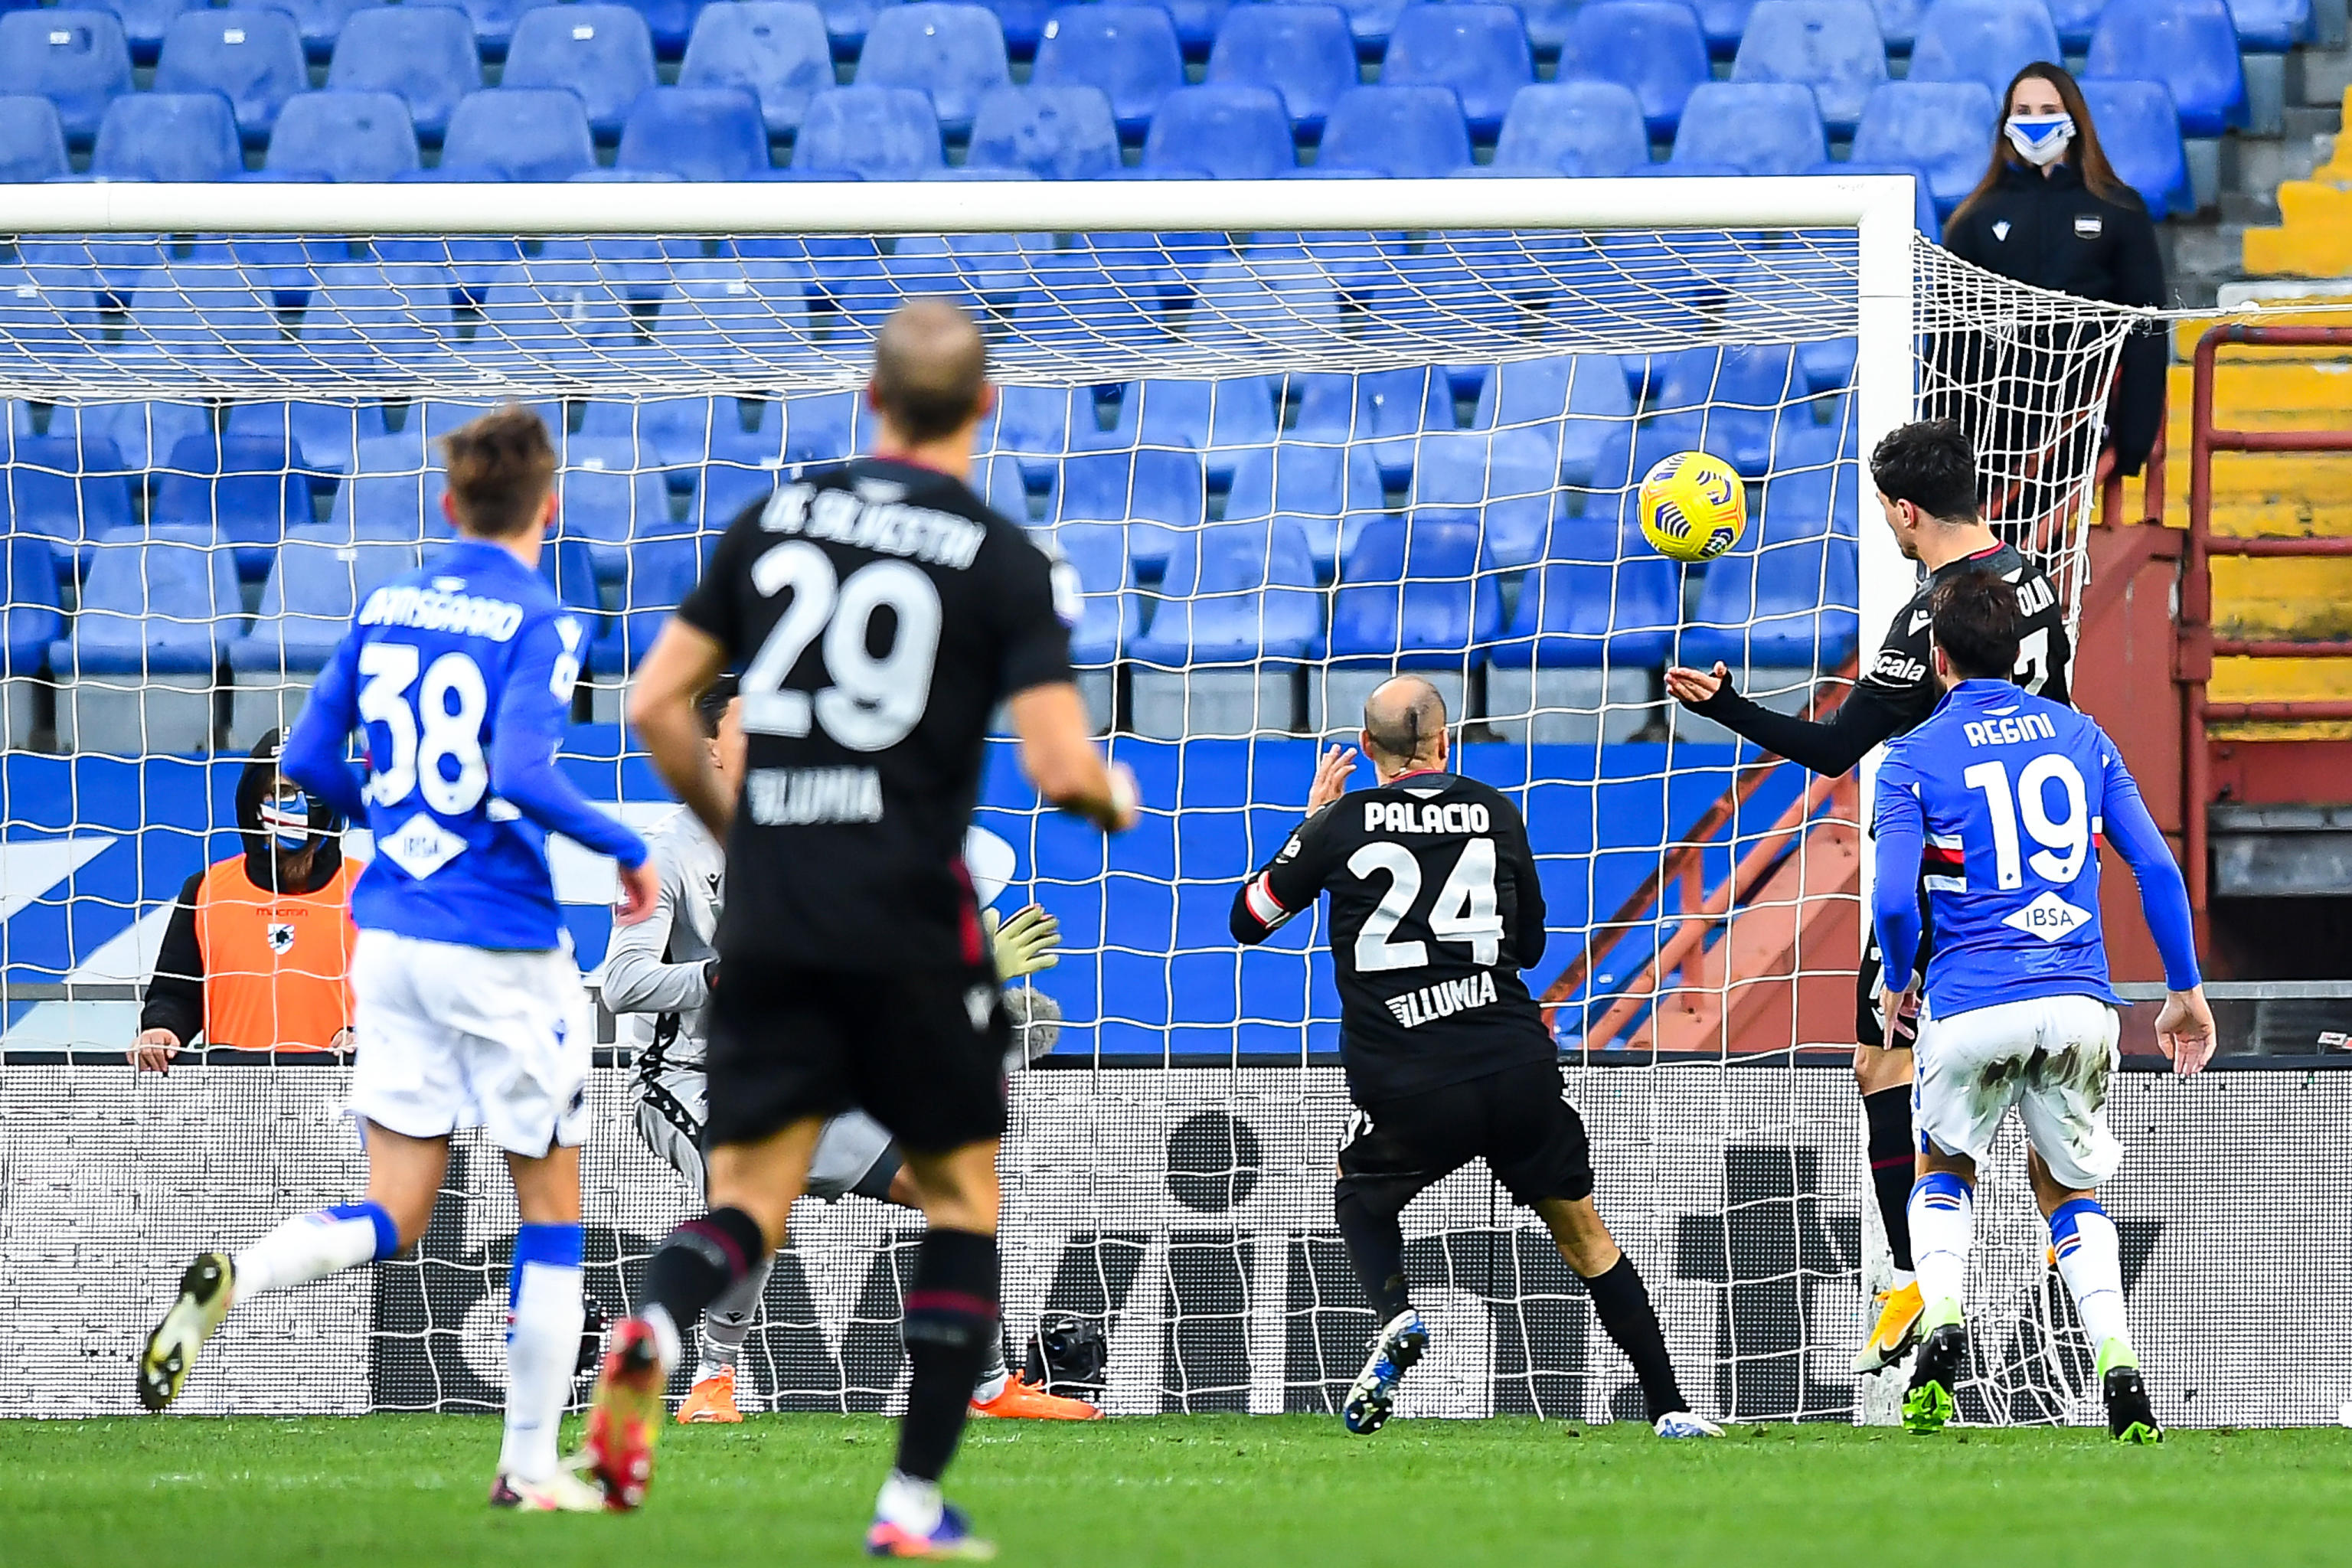 Serie A: Sampdoria-Bologna 1-2: gol e highlights dell'ottava giornata